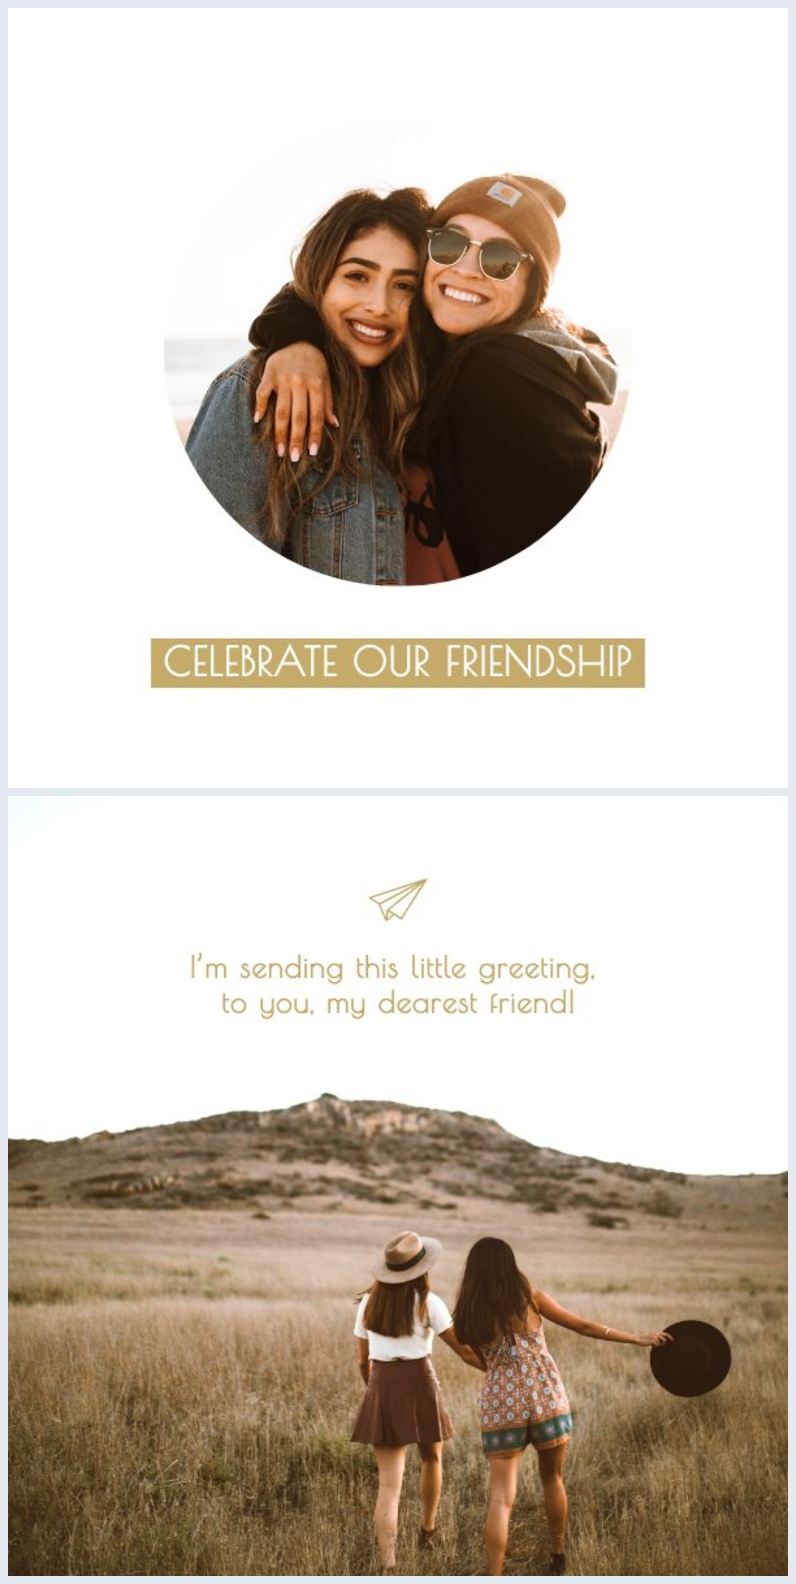 friendship card design